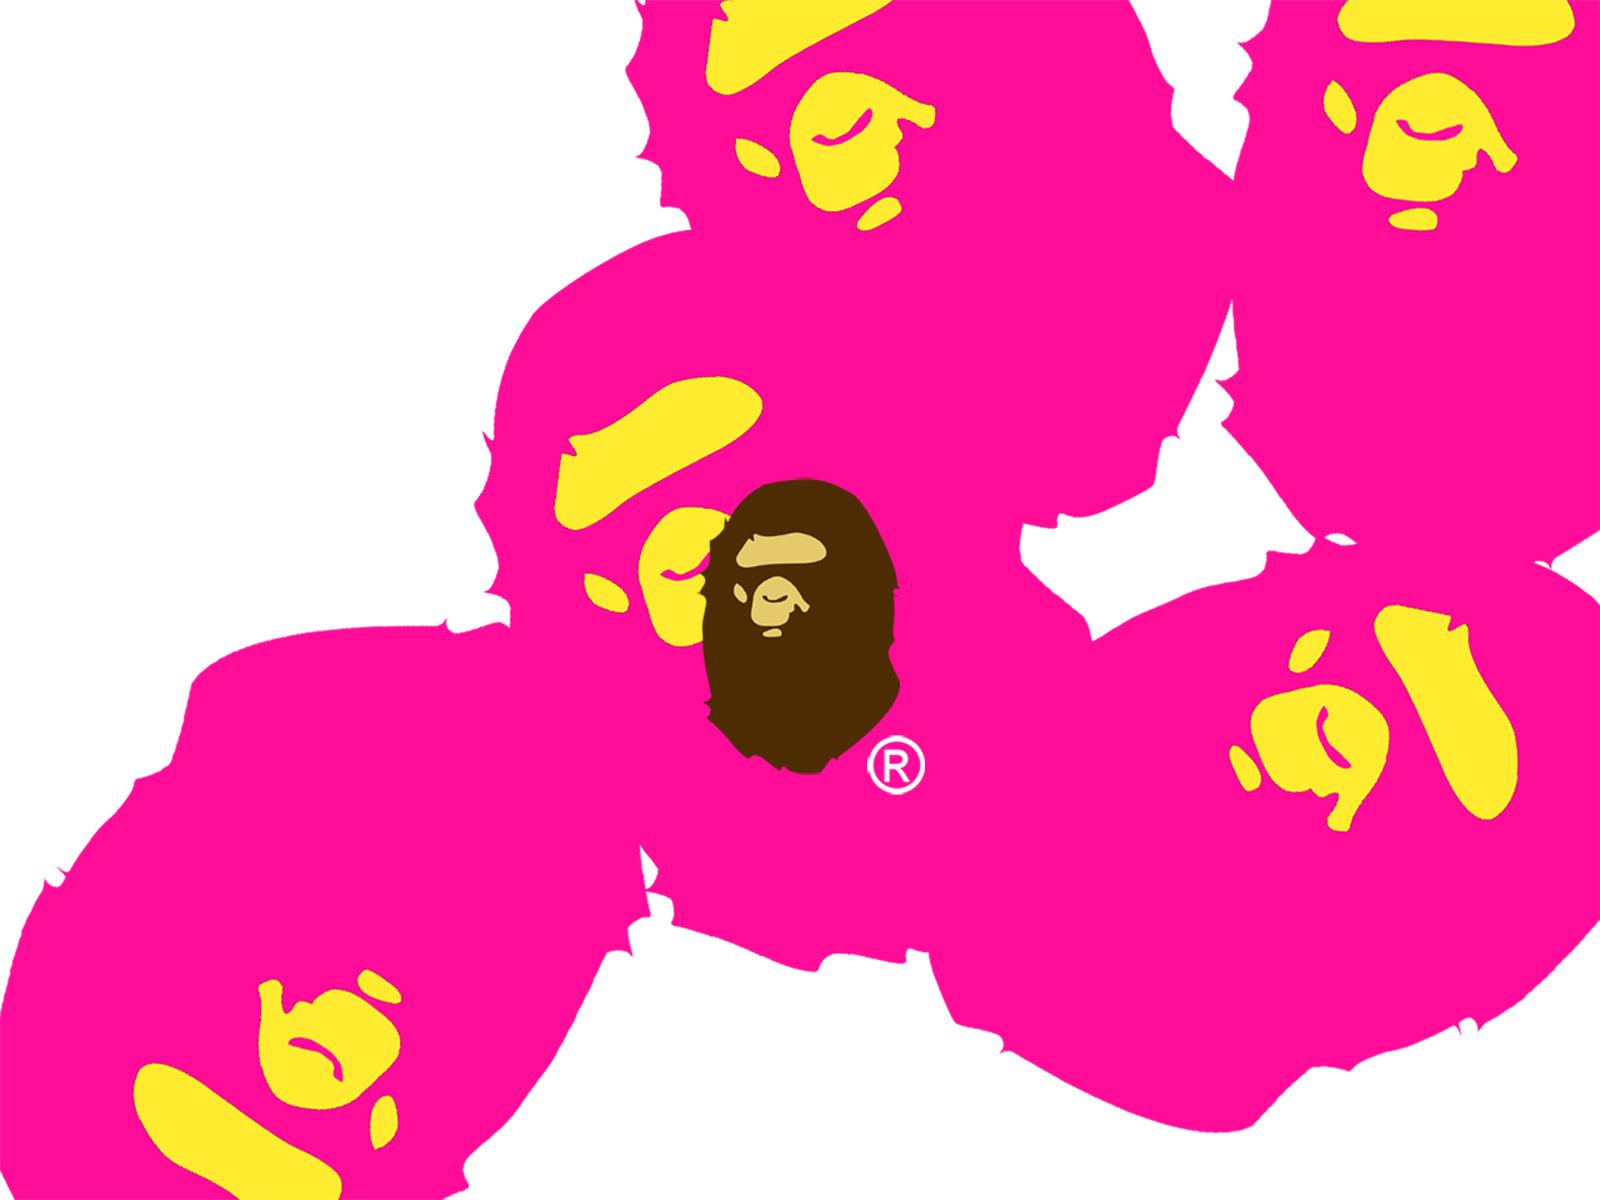 Bapes Gone Pink Google Wallpapers Bapes Gone Pink Google Backgrounds 1600x1200